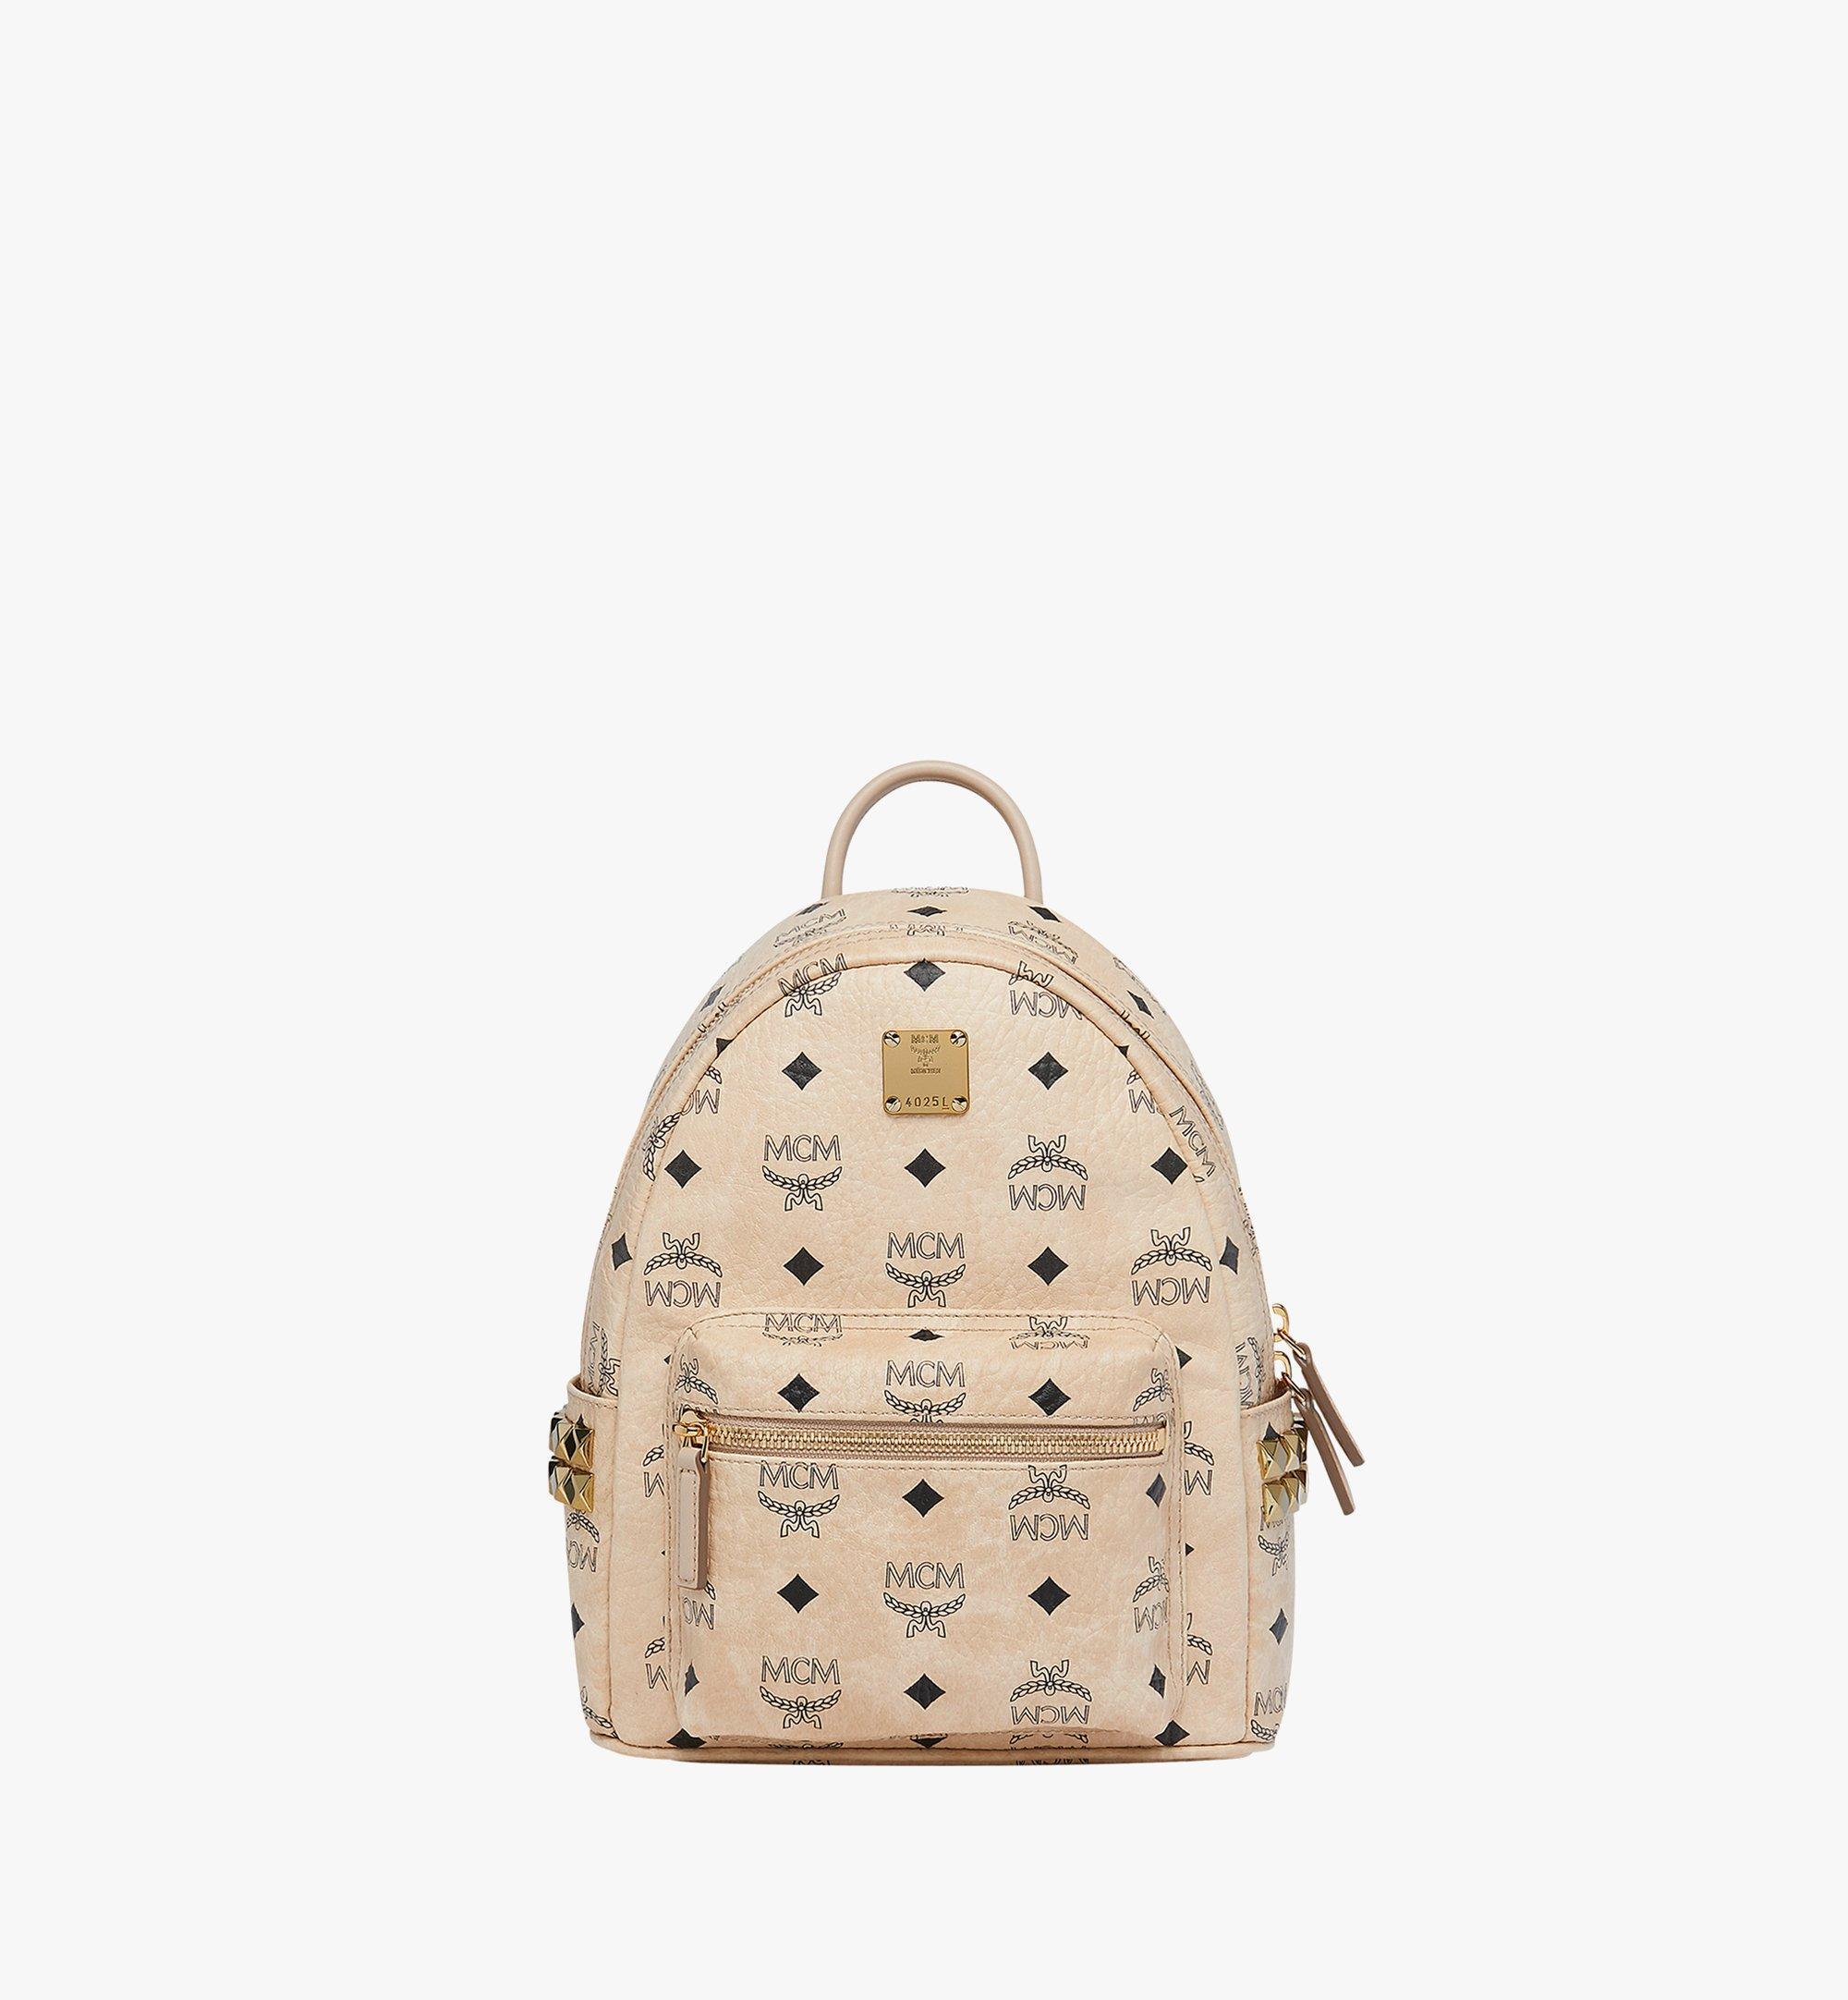 MCM Stark Side Studs Backpack in Visetos Beige MMK6SVE41IG001 Alternate View 1